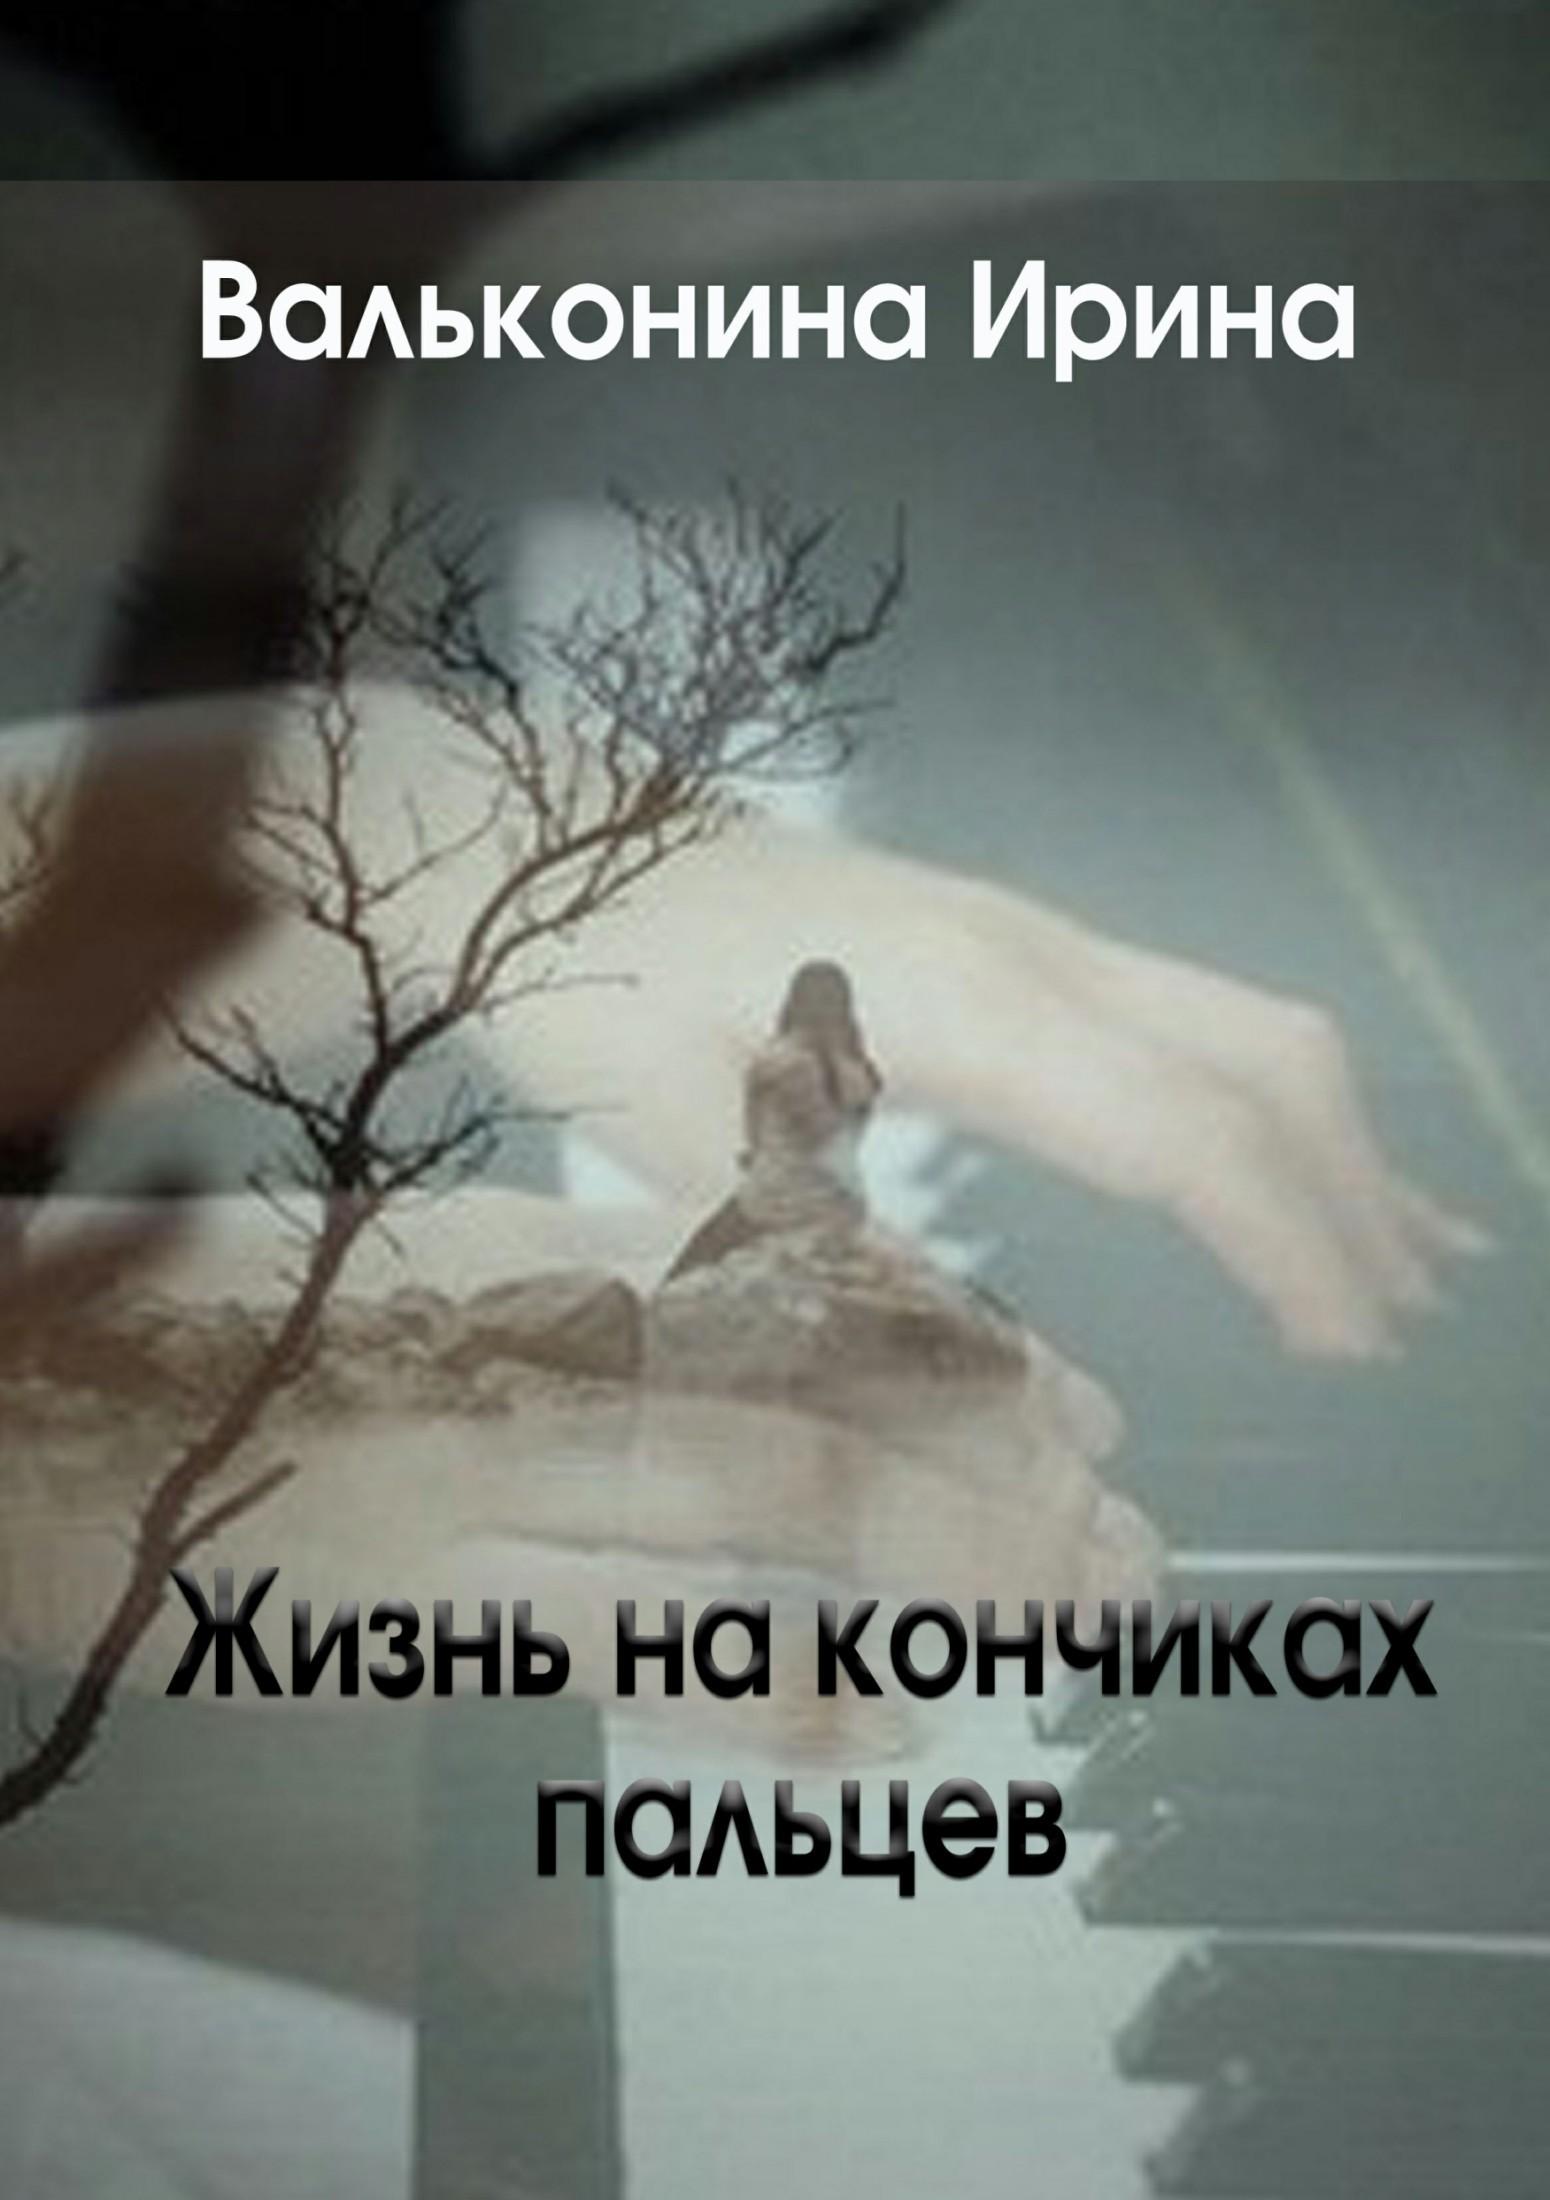 Ирина Михайловна Вальконина Жизнь на кончиках пальцев алексей исаев котлы 41 го история вов которую мы не знали